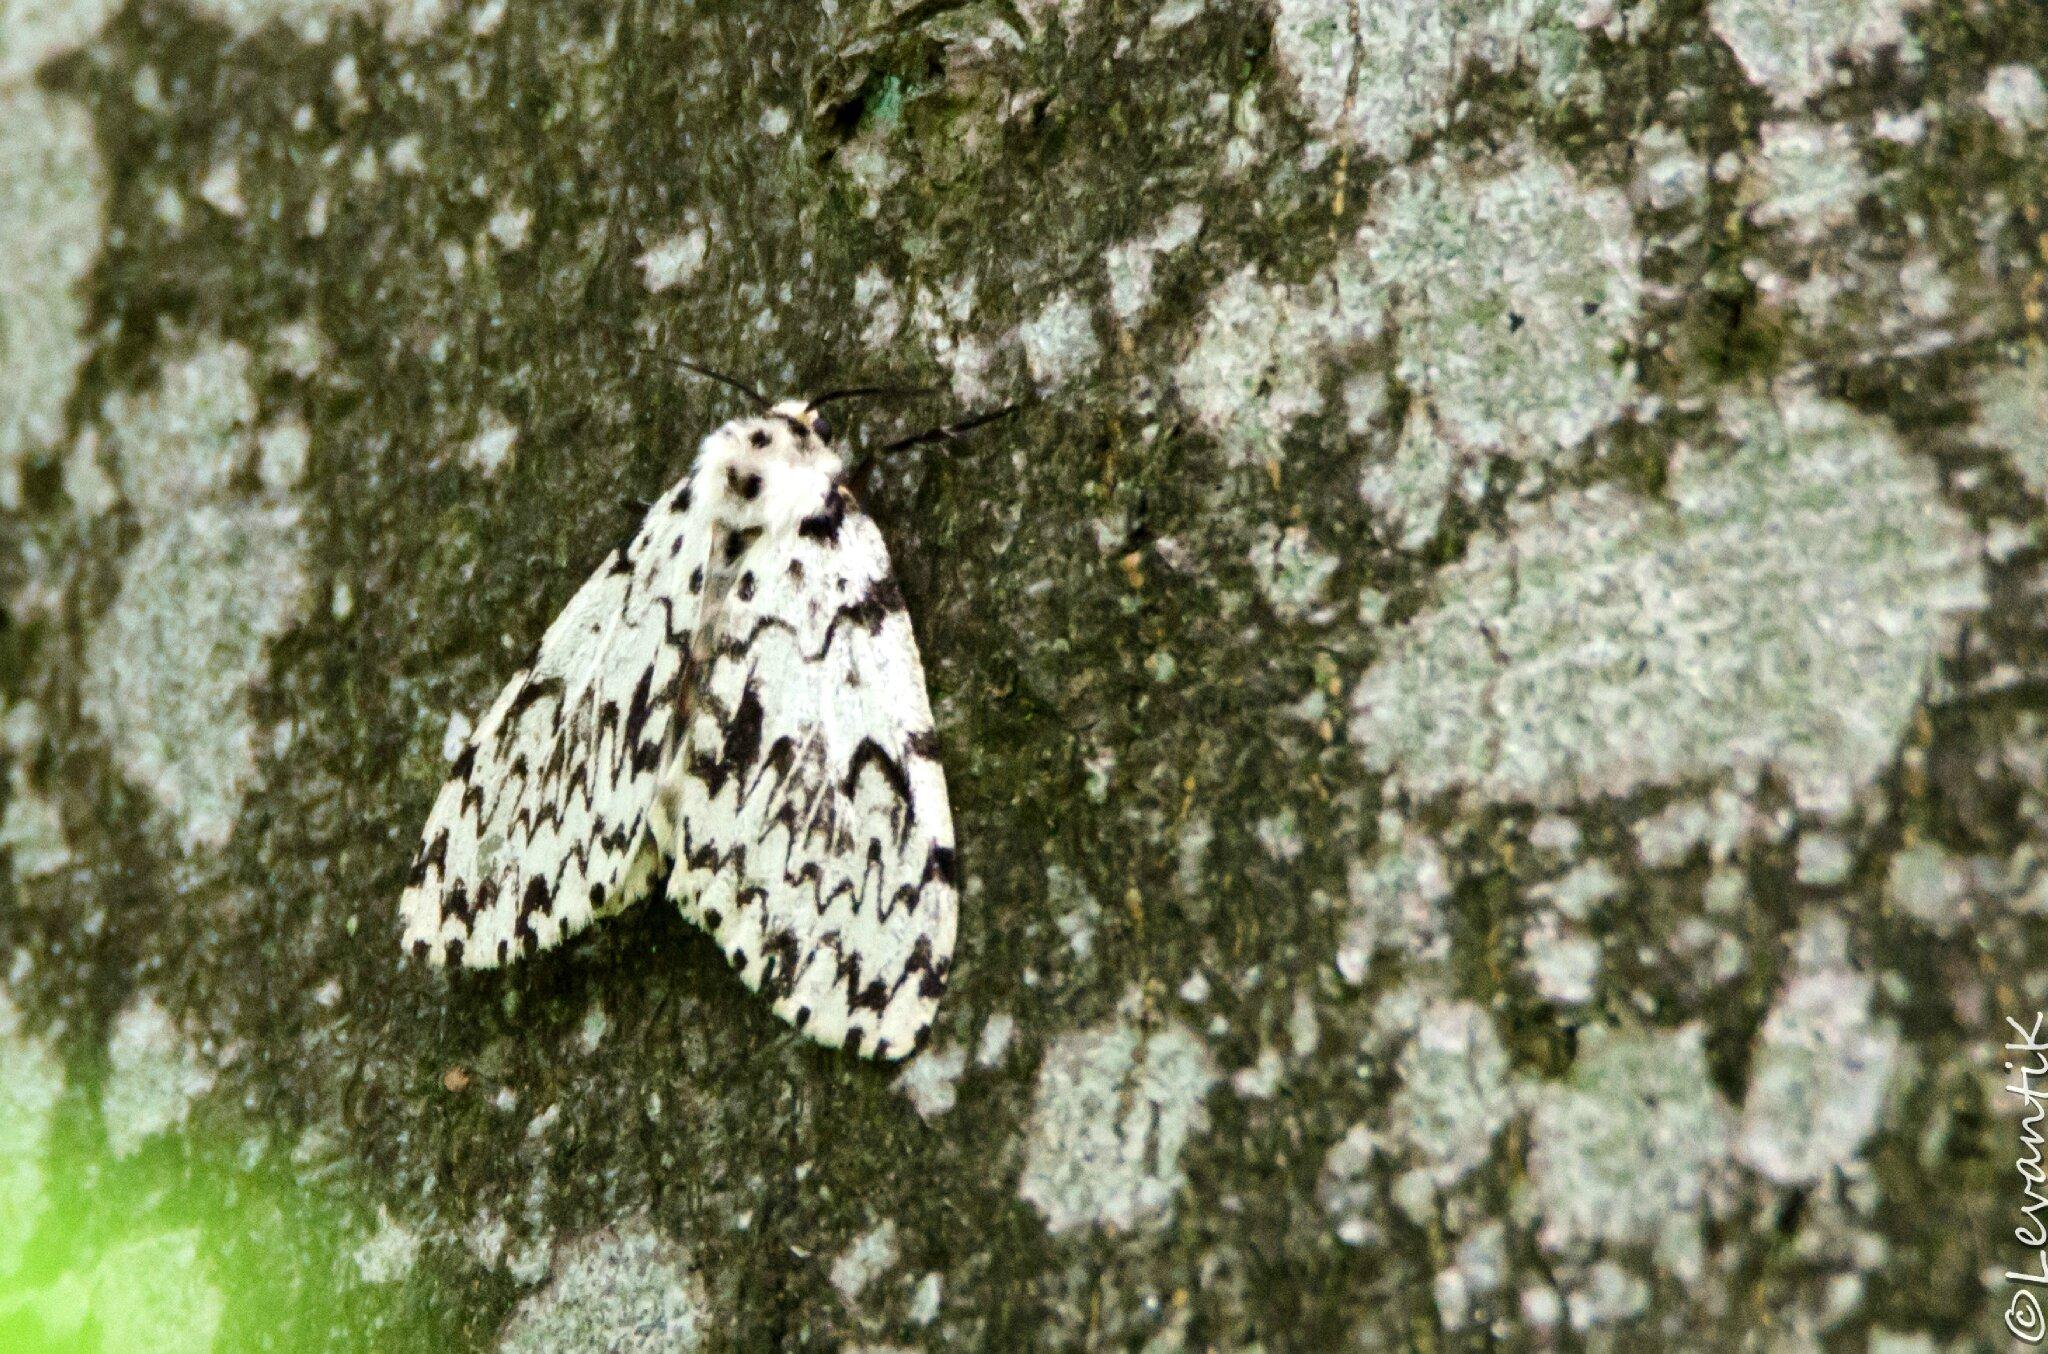 La Nonne - Lymantria monacha (1)